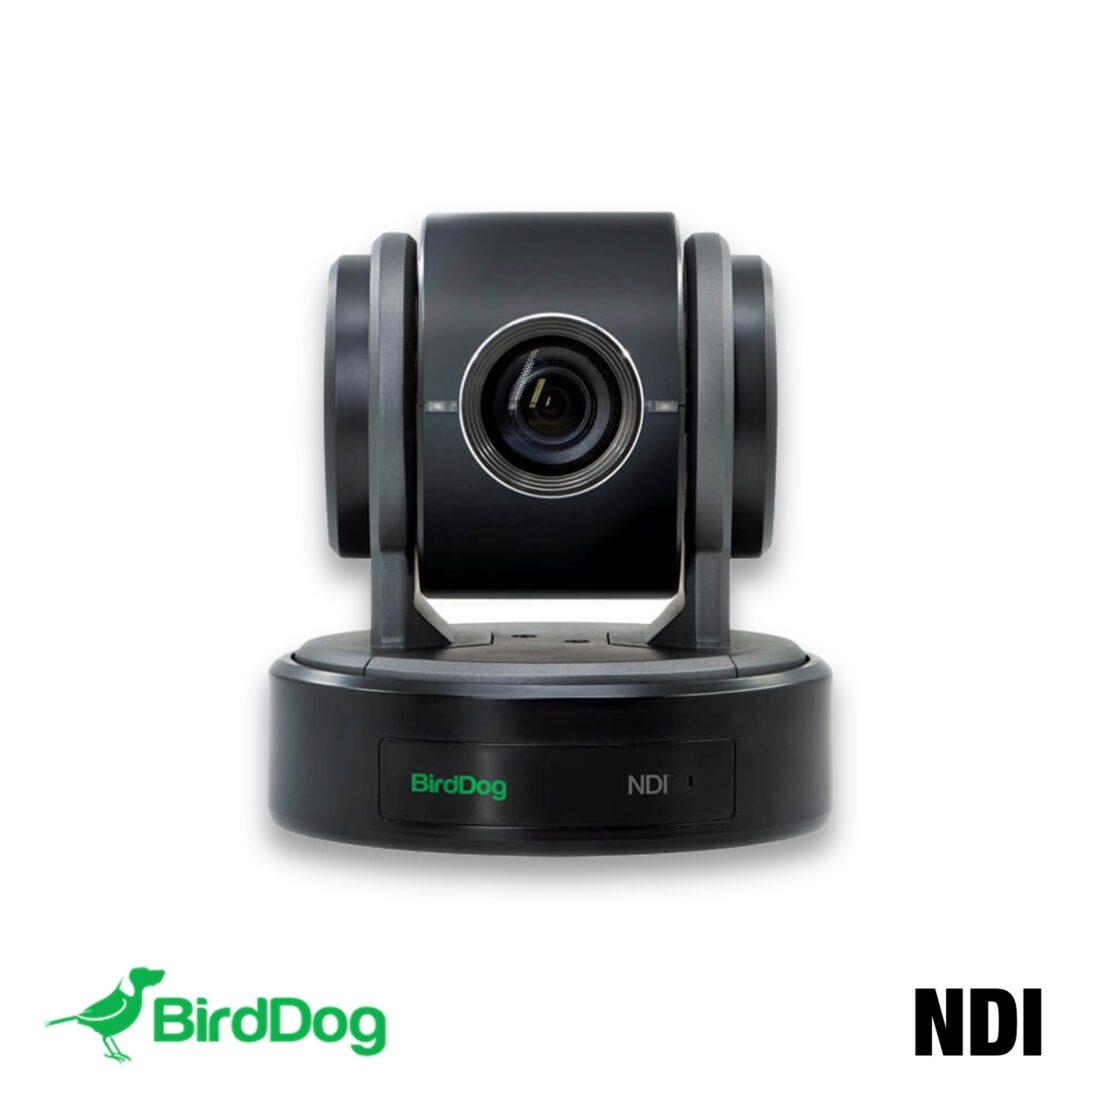 BirdDog NDI camera